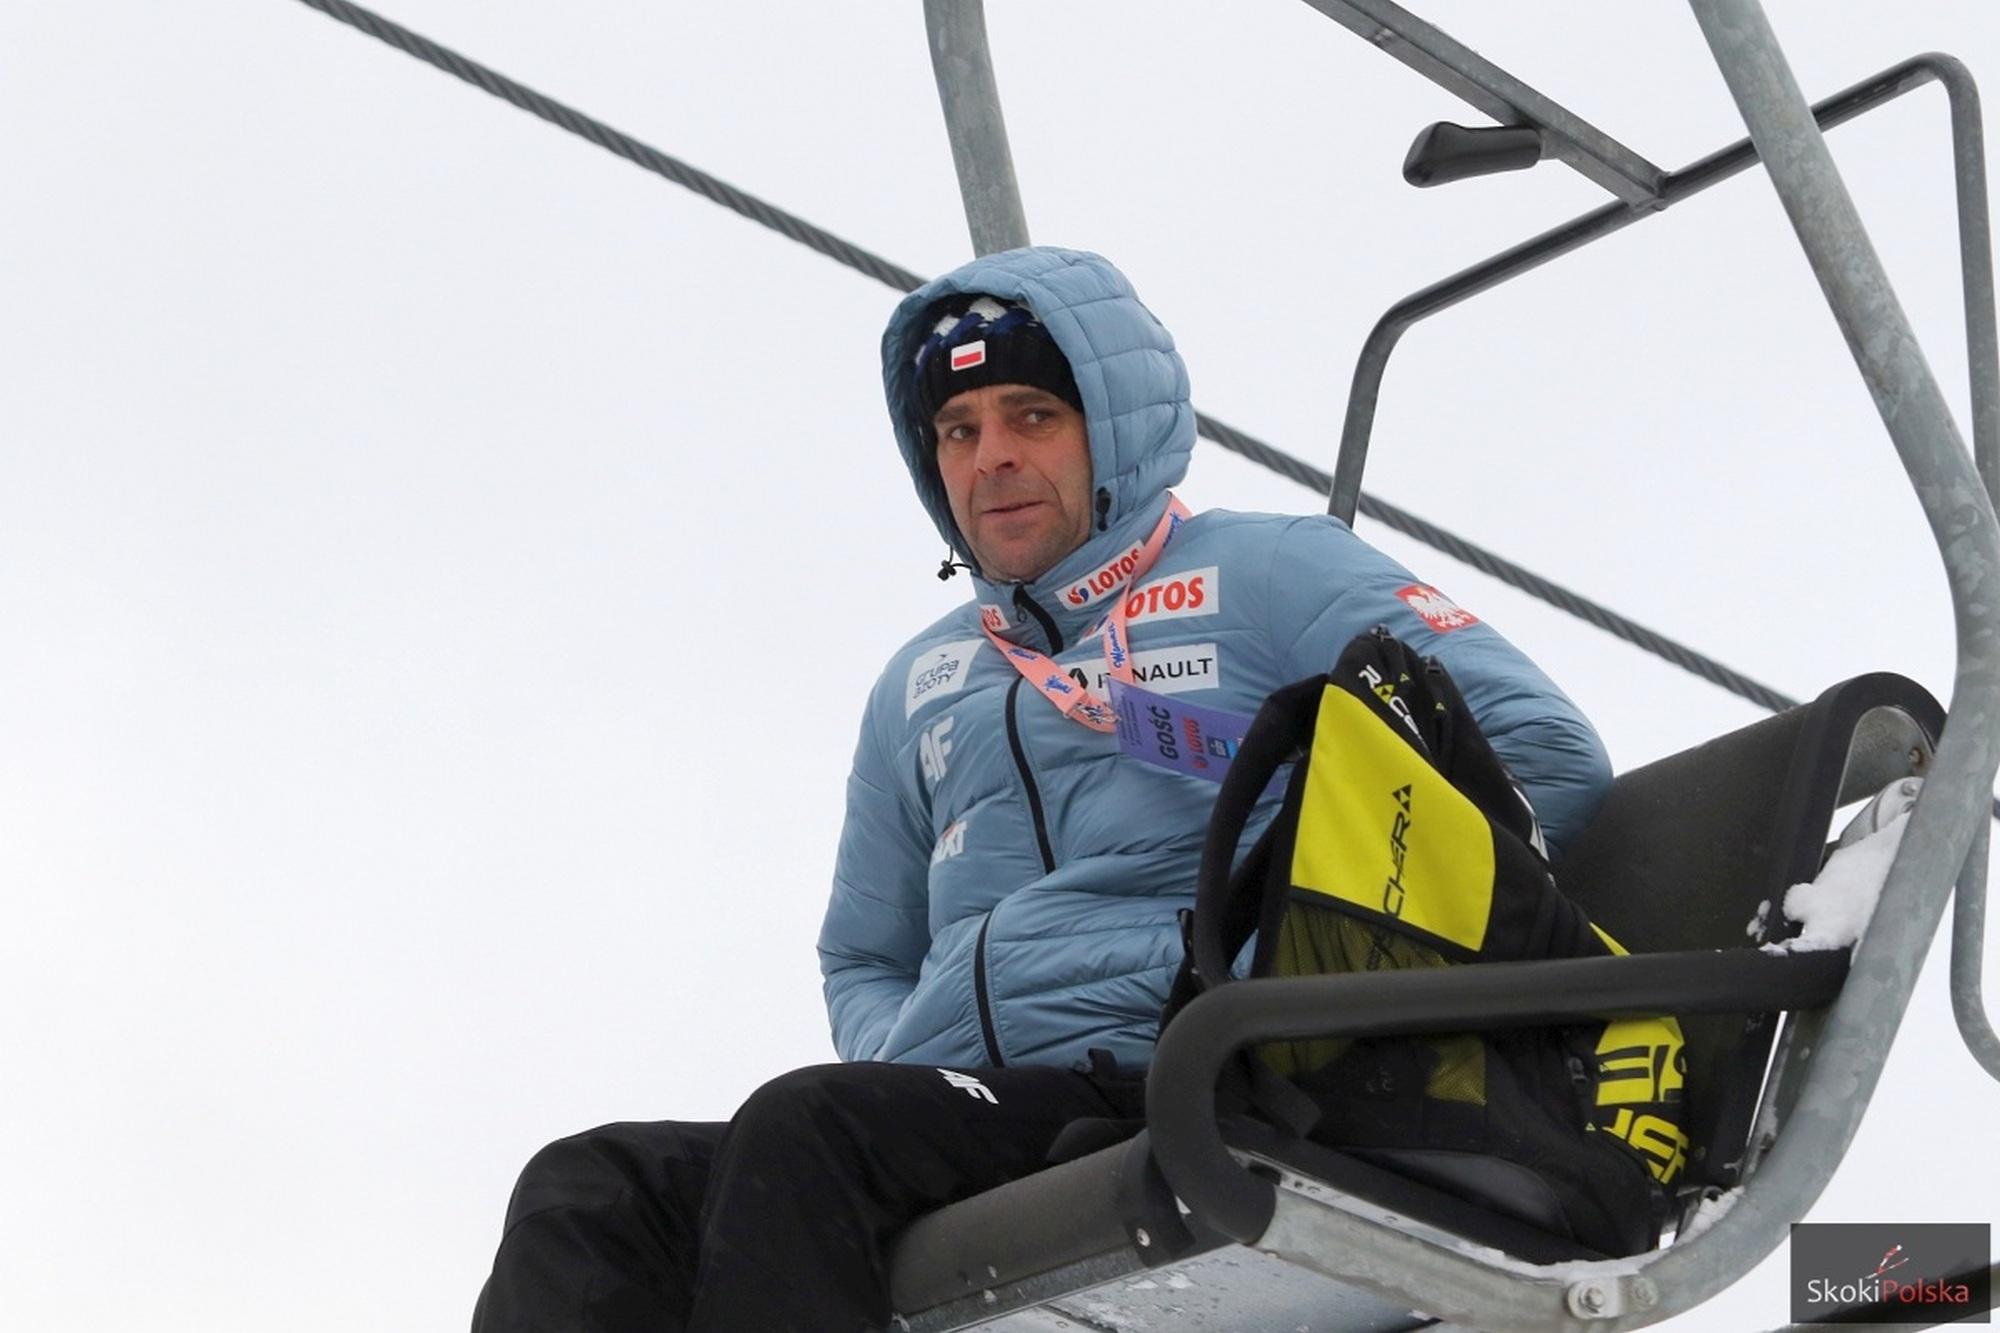 """Robert Mateja potrenuje czeskich dwuboistów. Czesi: """"To legenda skoków"""""""